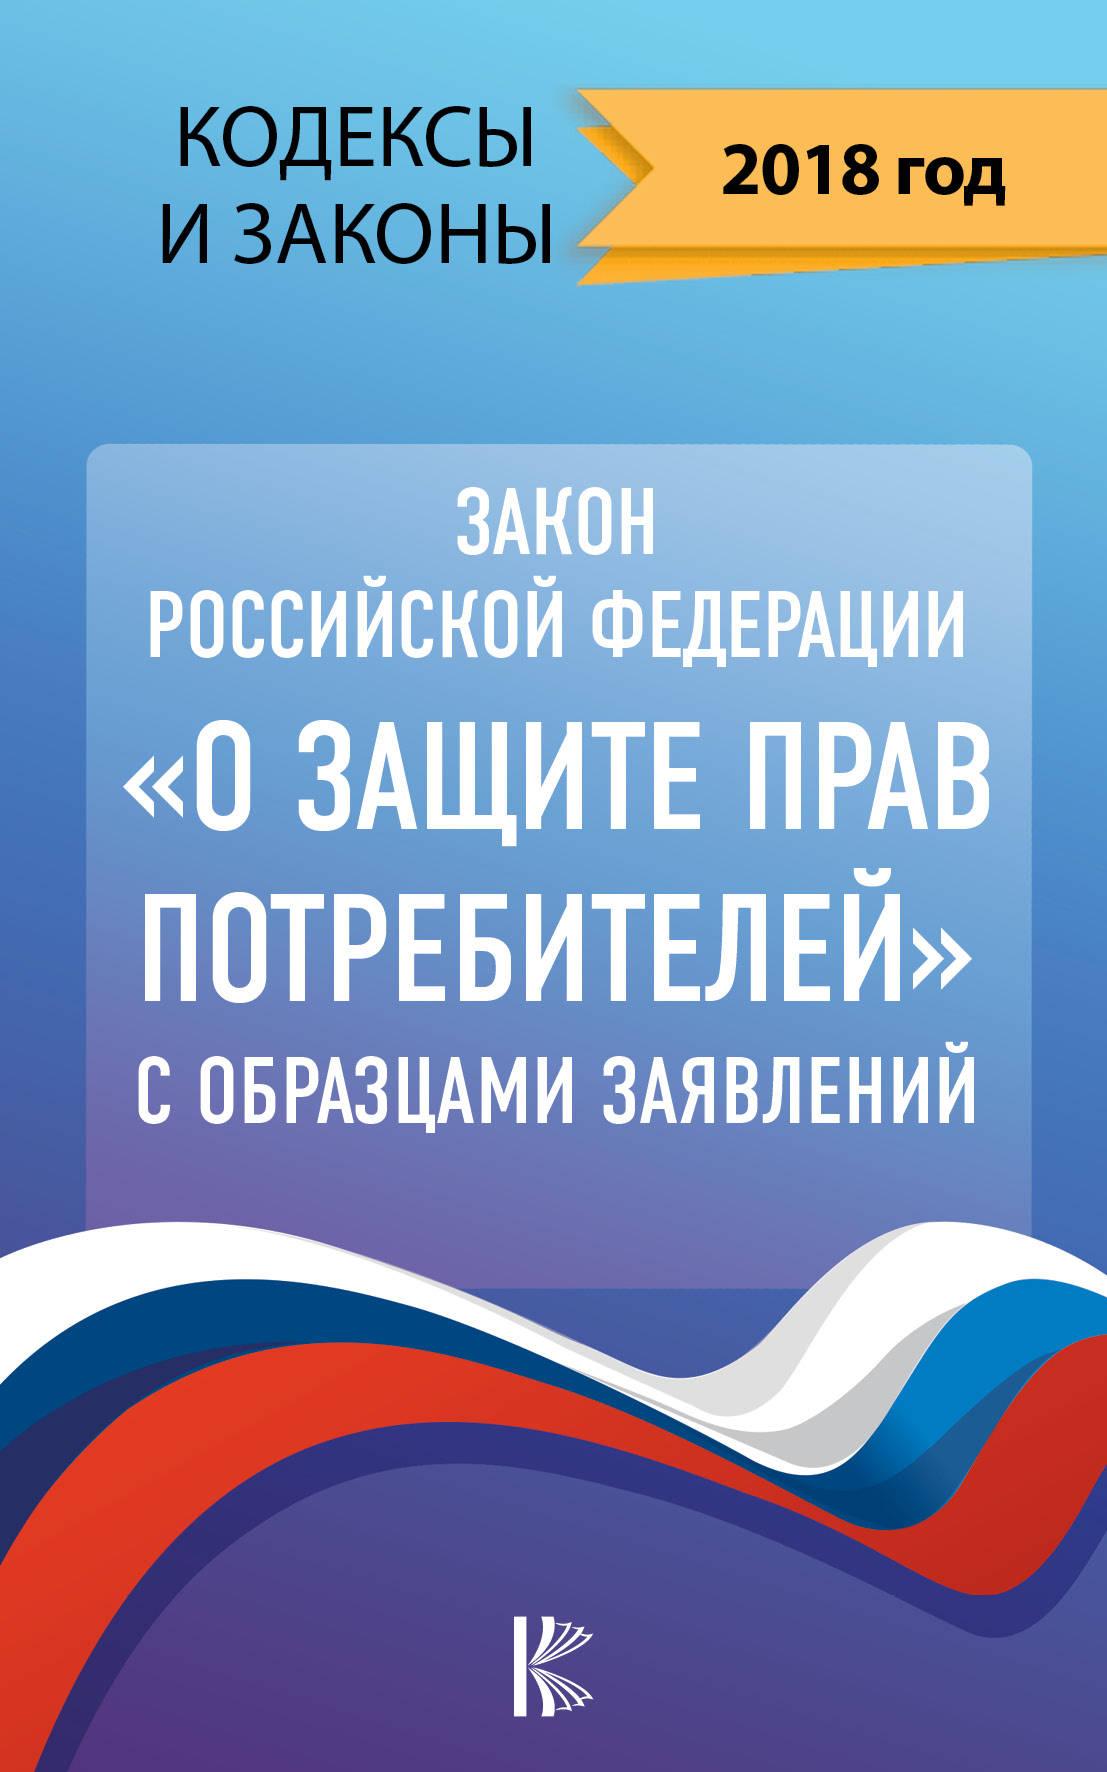 Закон Российской Федерации О защите прав потребителей с образцами заявлений на 2018 год